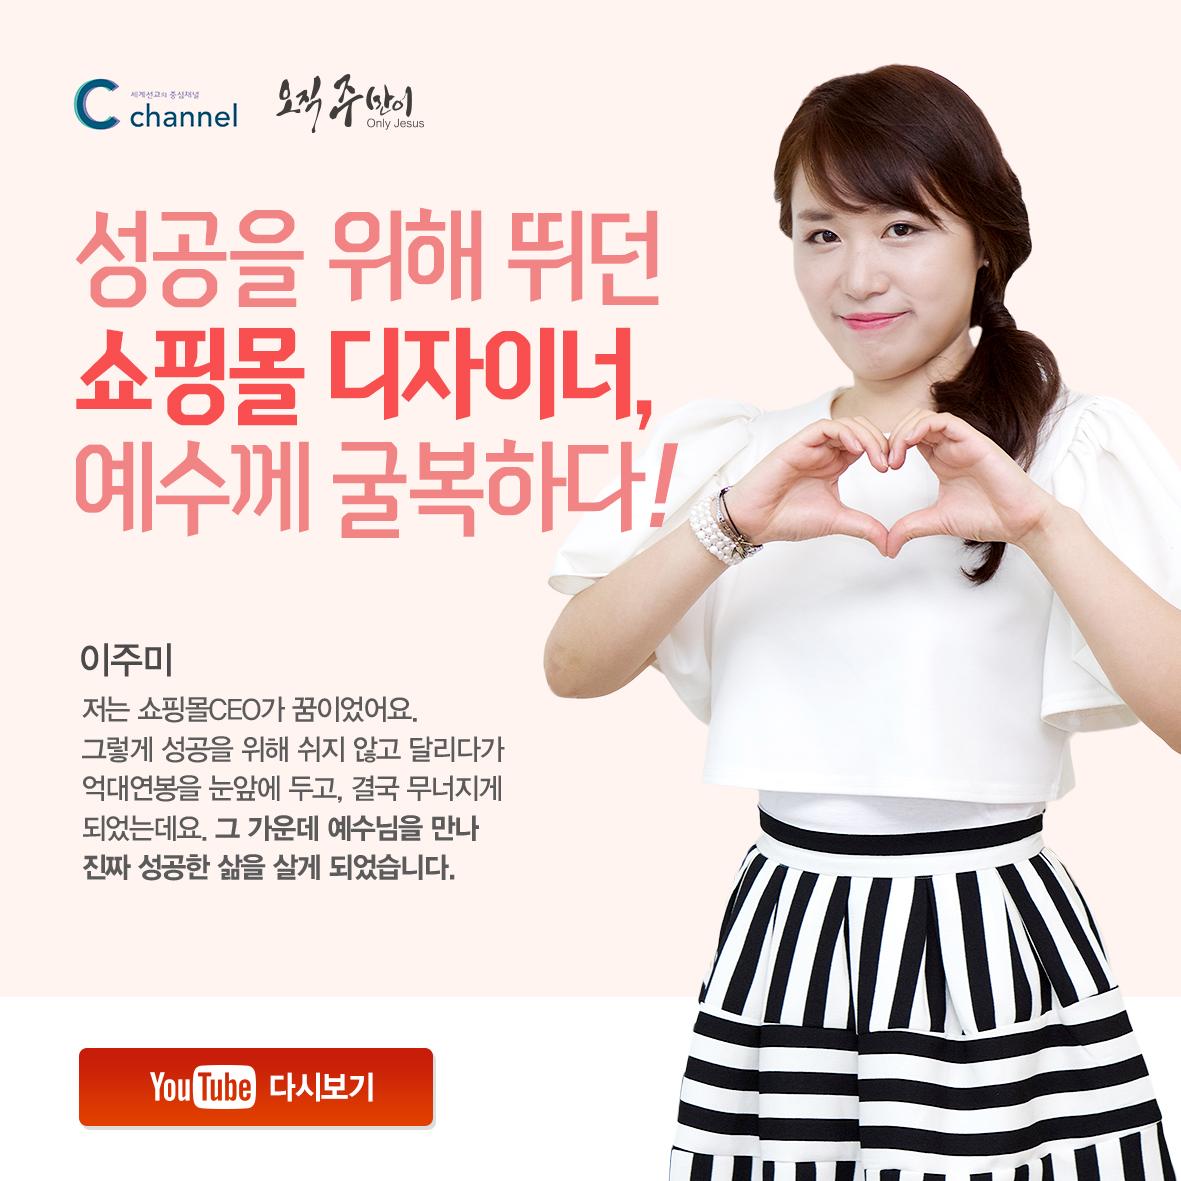 [춘천 한마음교회 간증] '성공을 위해 뛰던 쇼핑몰..